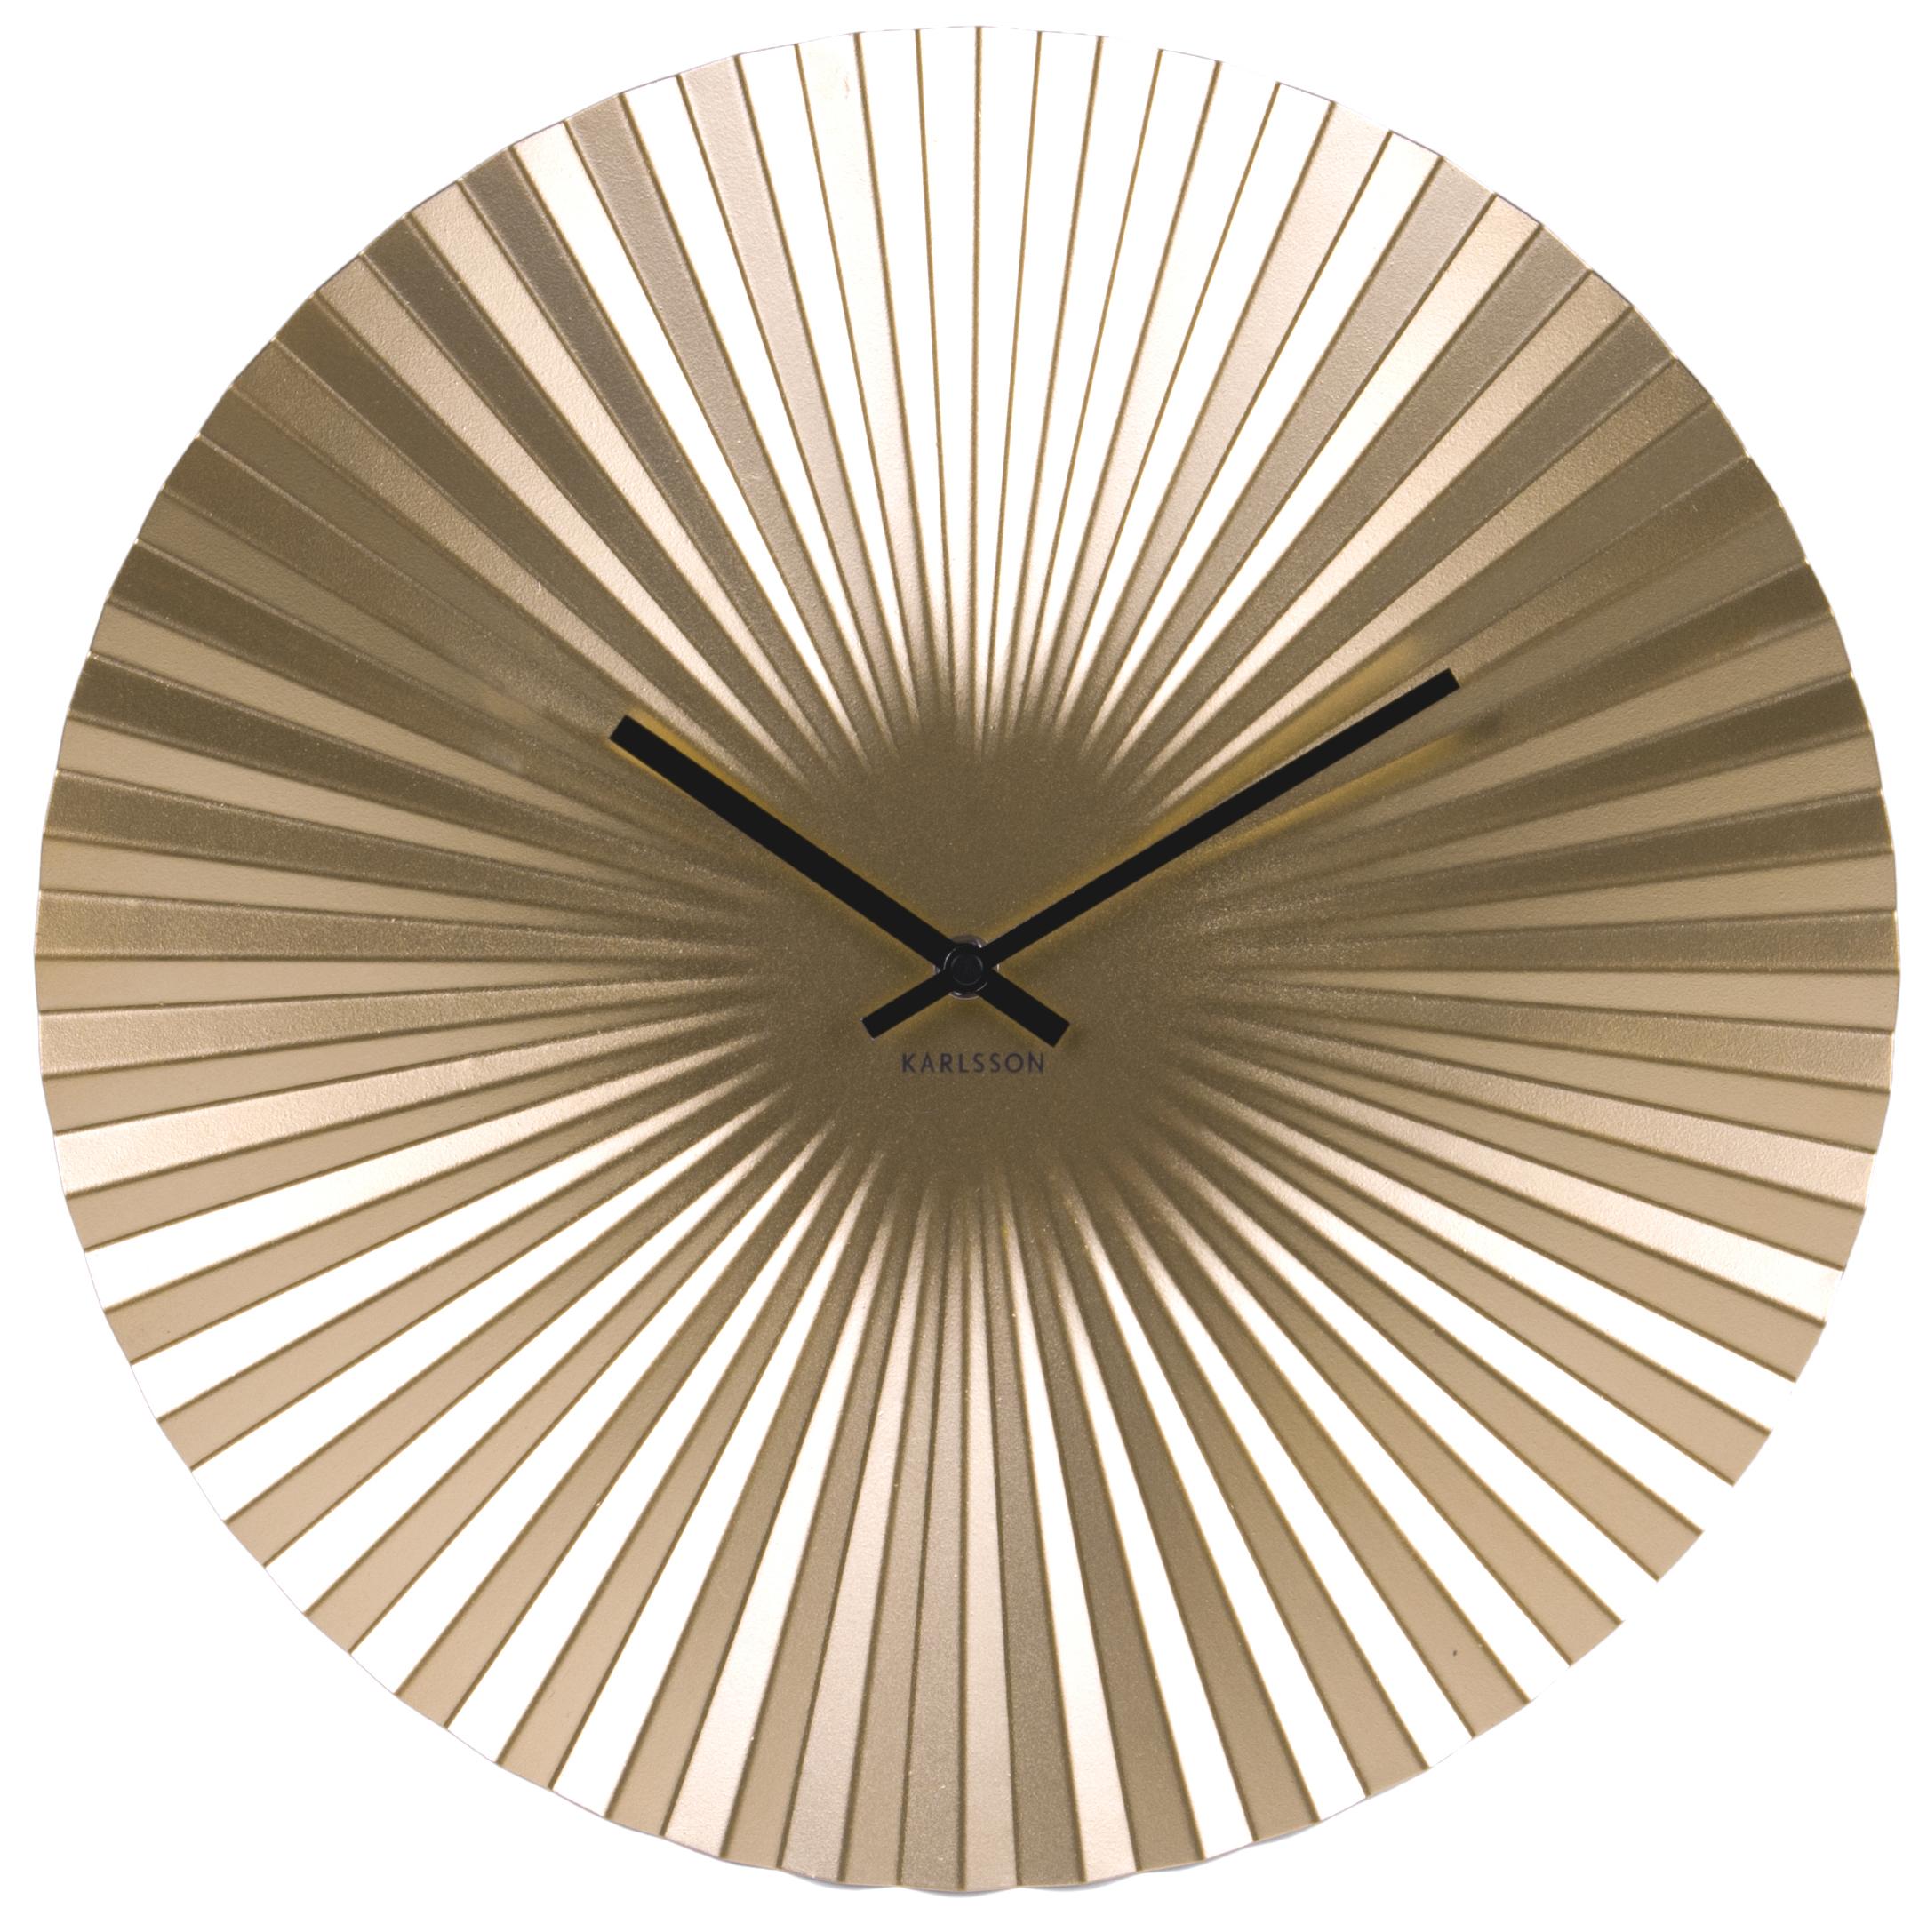 wanduhr karlsson sensu stahl ka5657gd g nstig auf kaufen wanduhren tischuhren. Black Bedroom Furniture Sets. Home Design Ideas